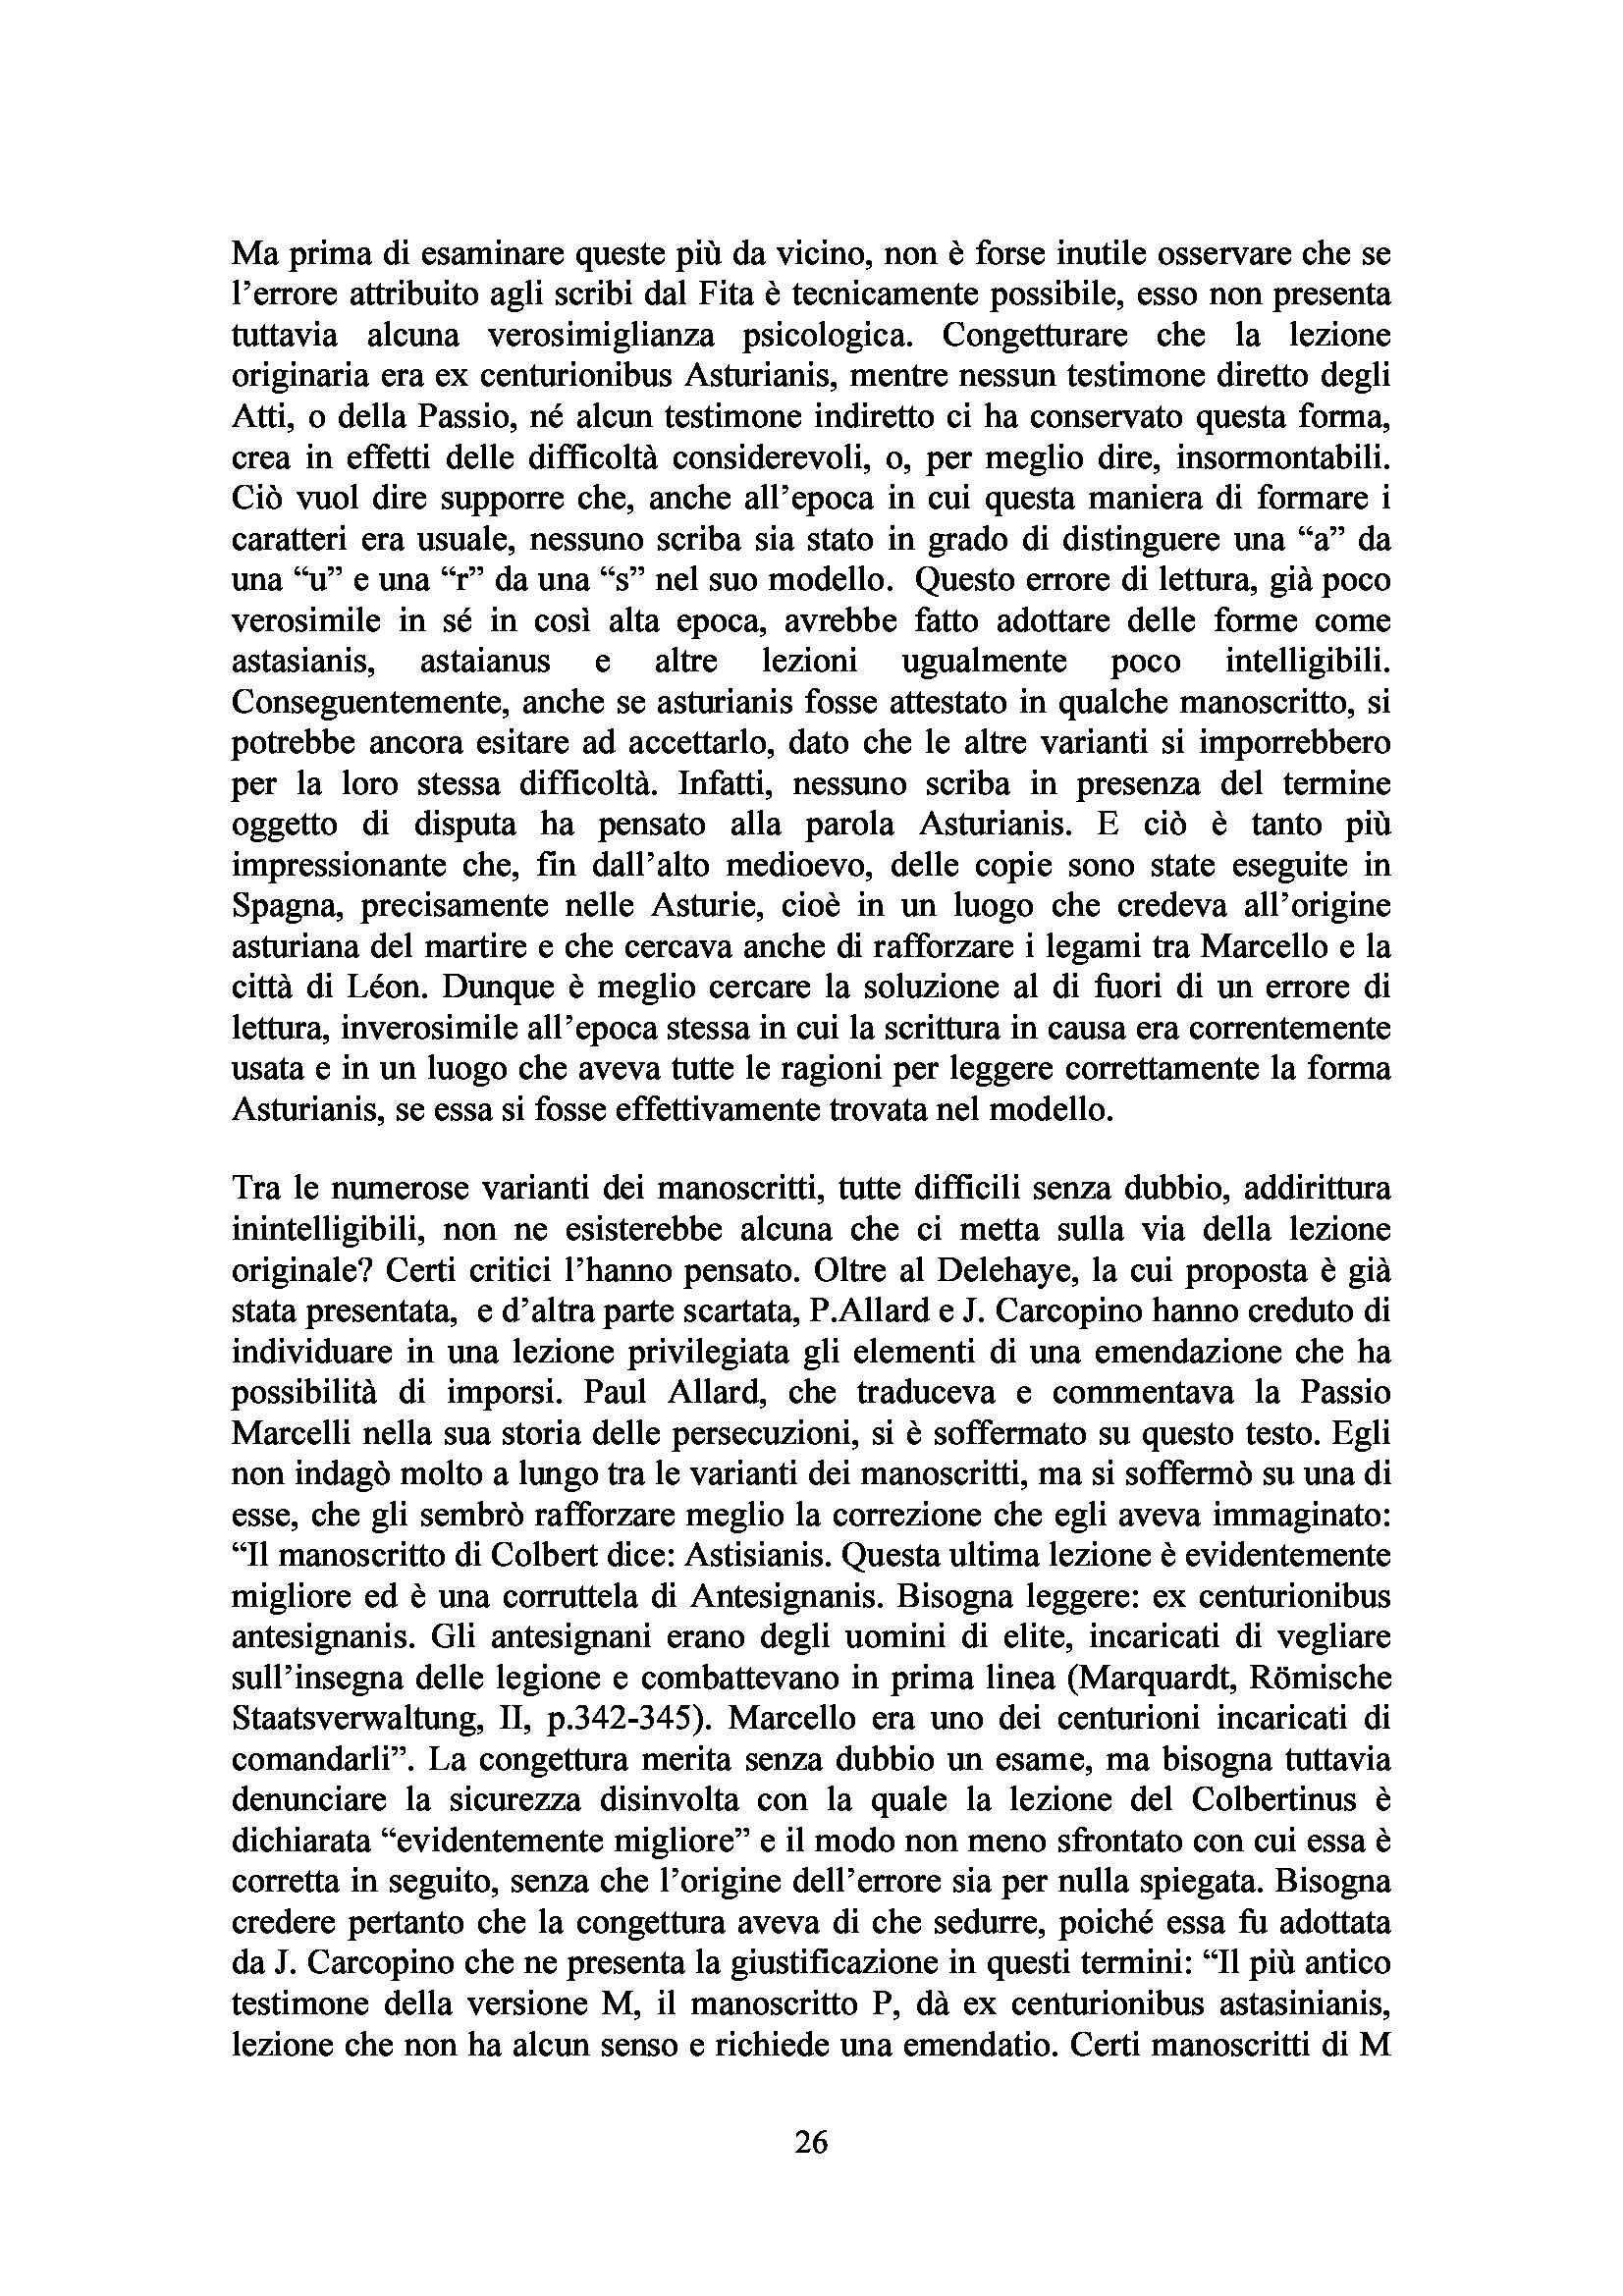 Tesi - Traduzione ed esame linguistico di alcuni testi agiografici Pag. 26